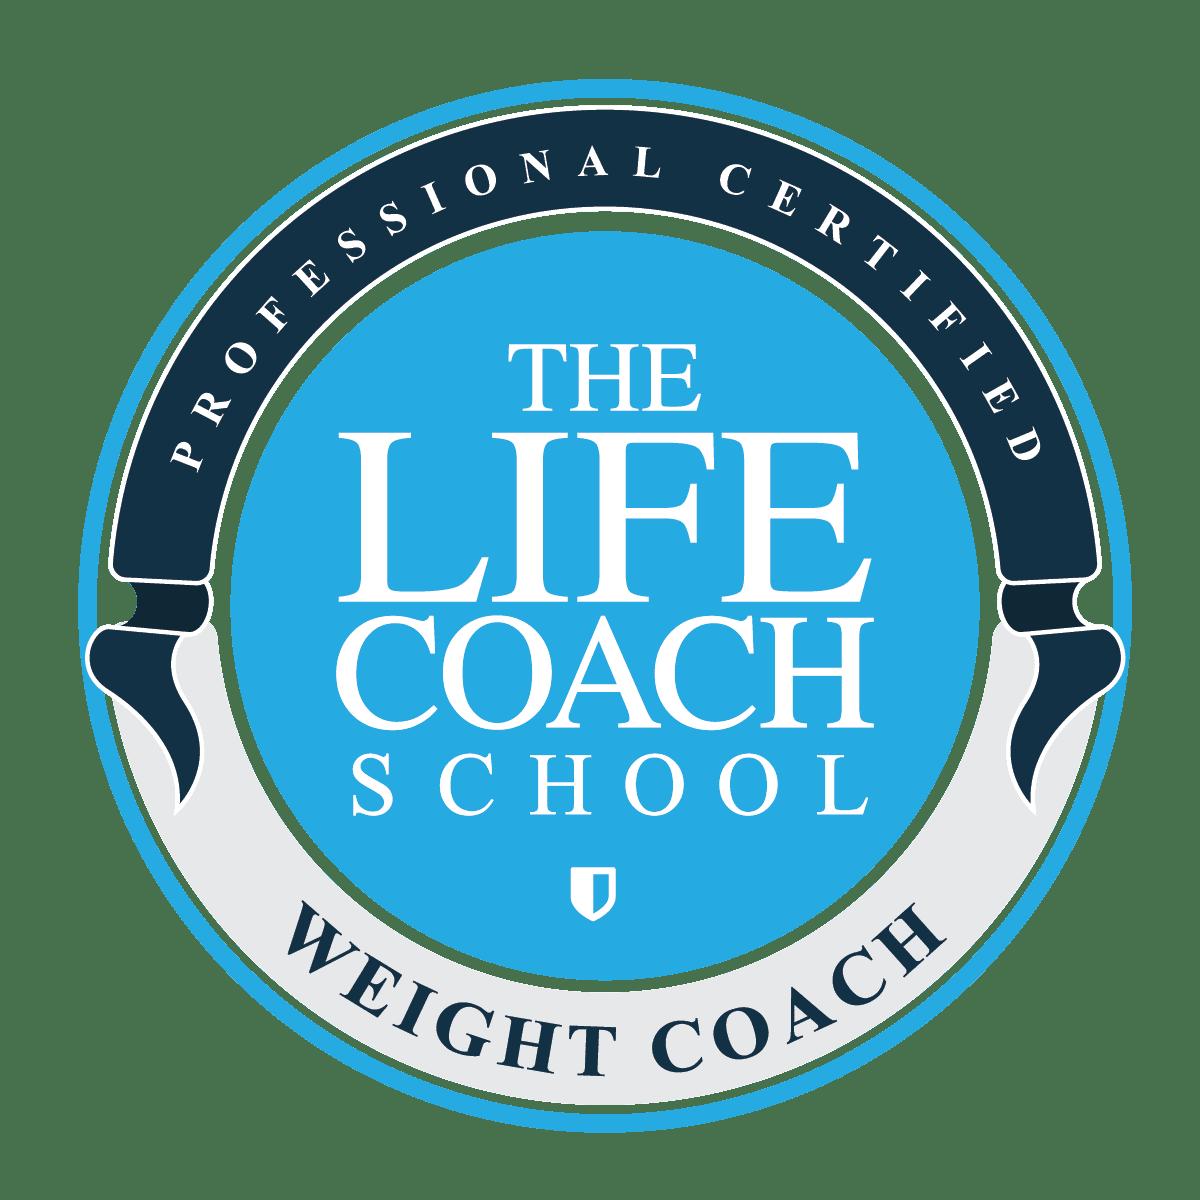 weightcoach